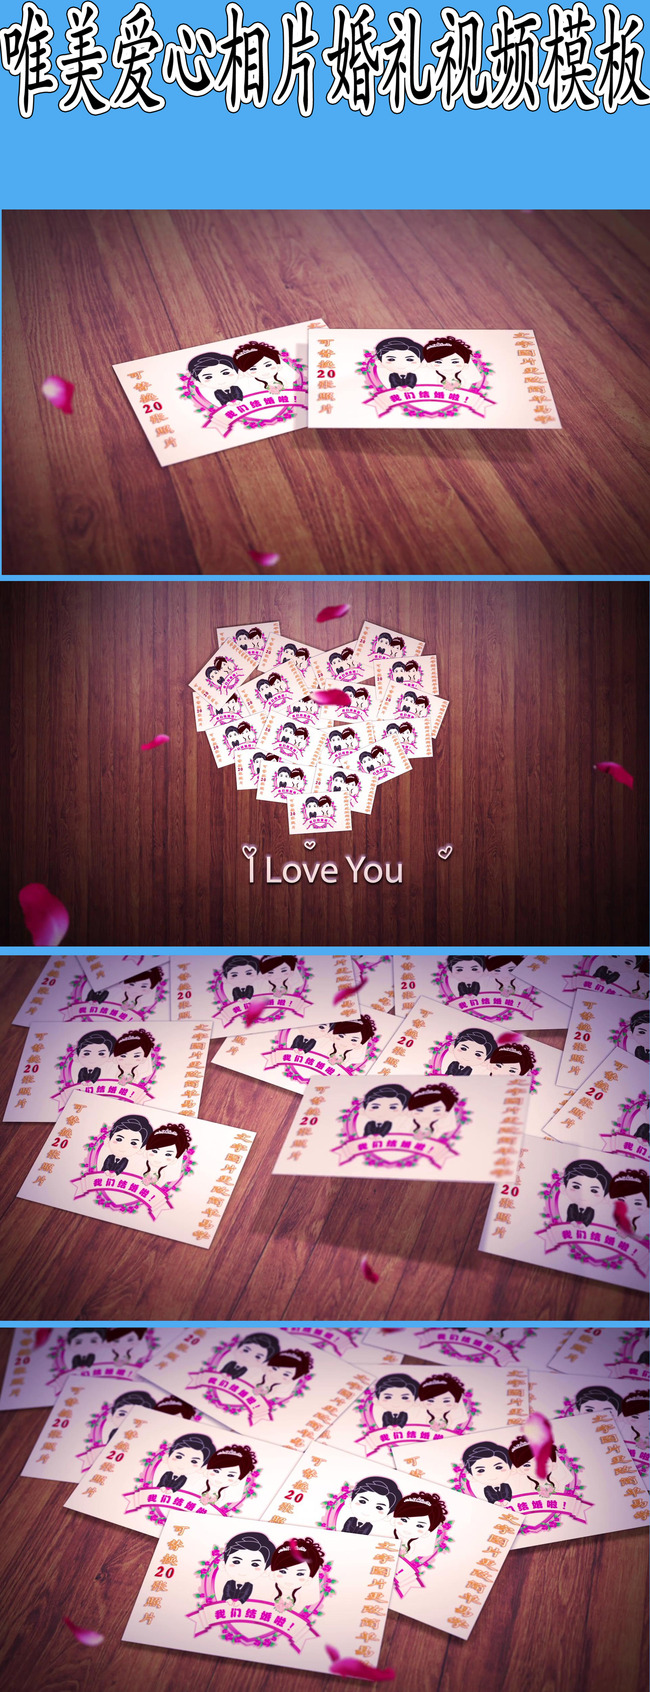 唯美爱心相片婚礼视频模板